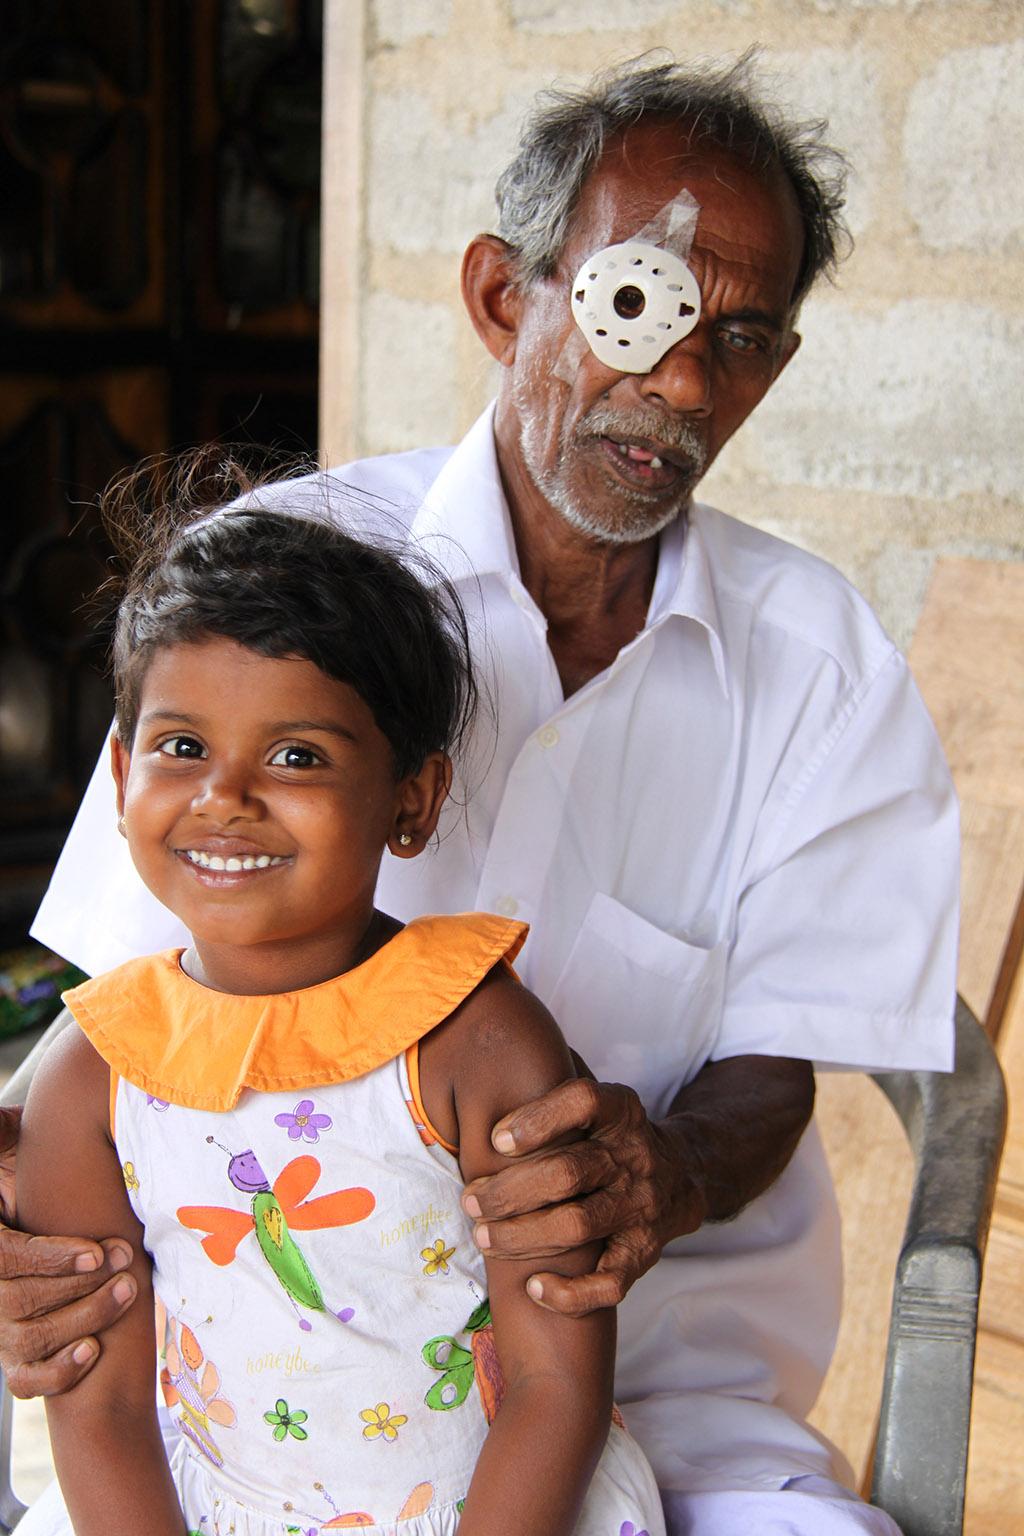 Esikimuthu after his sight-saving operation.